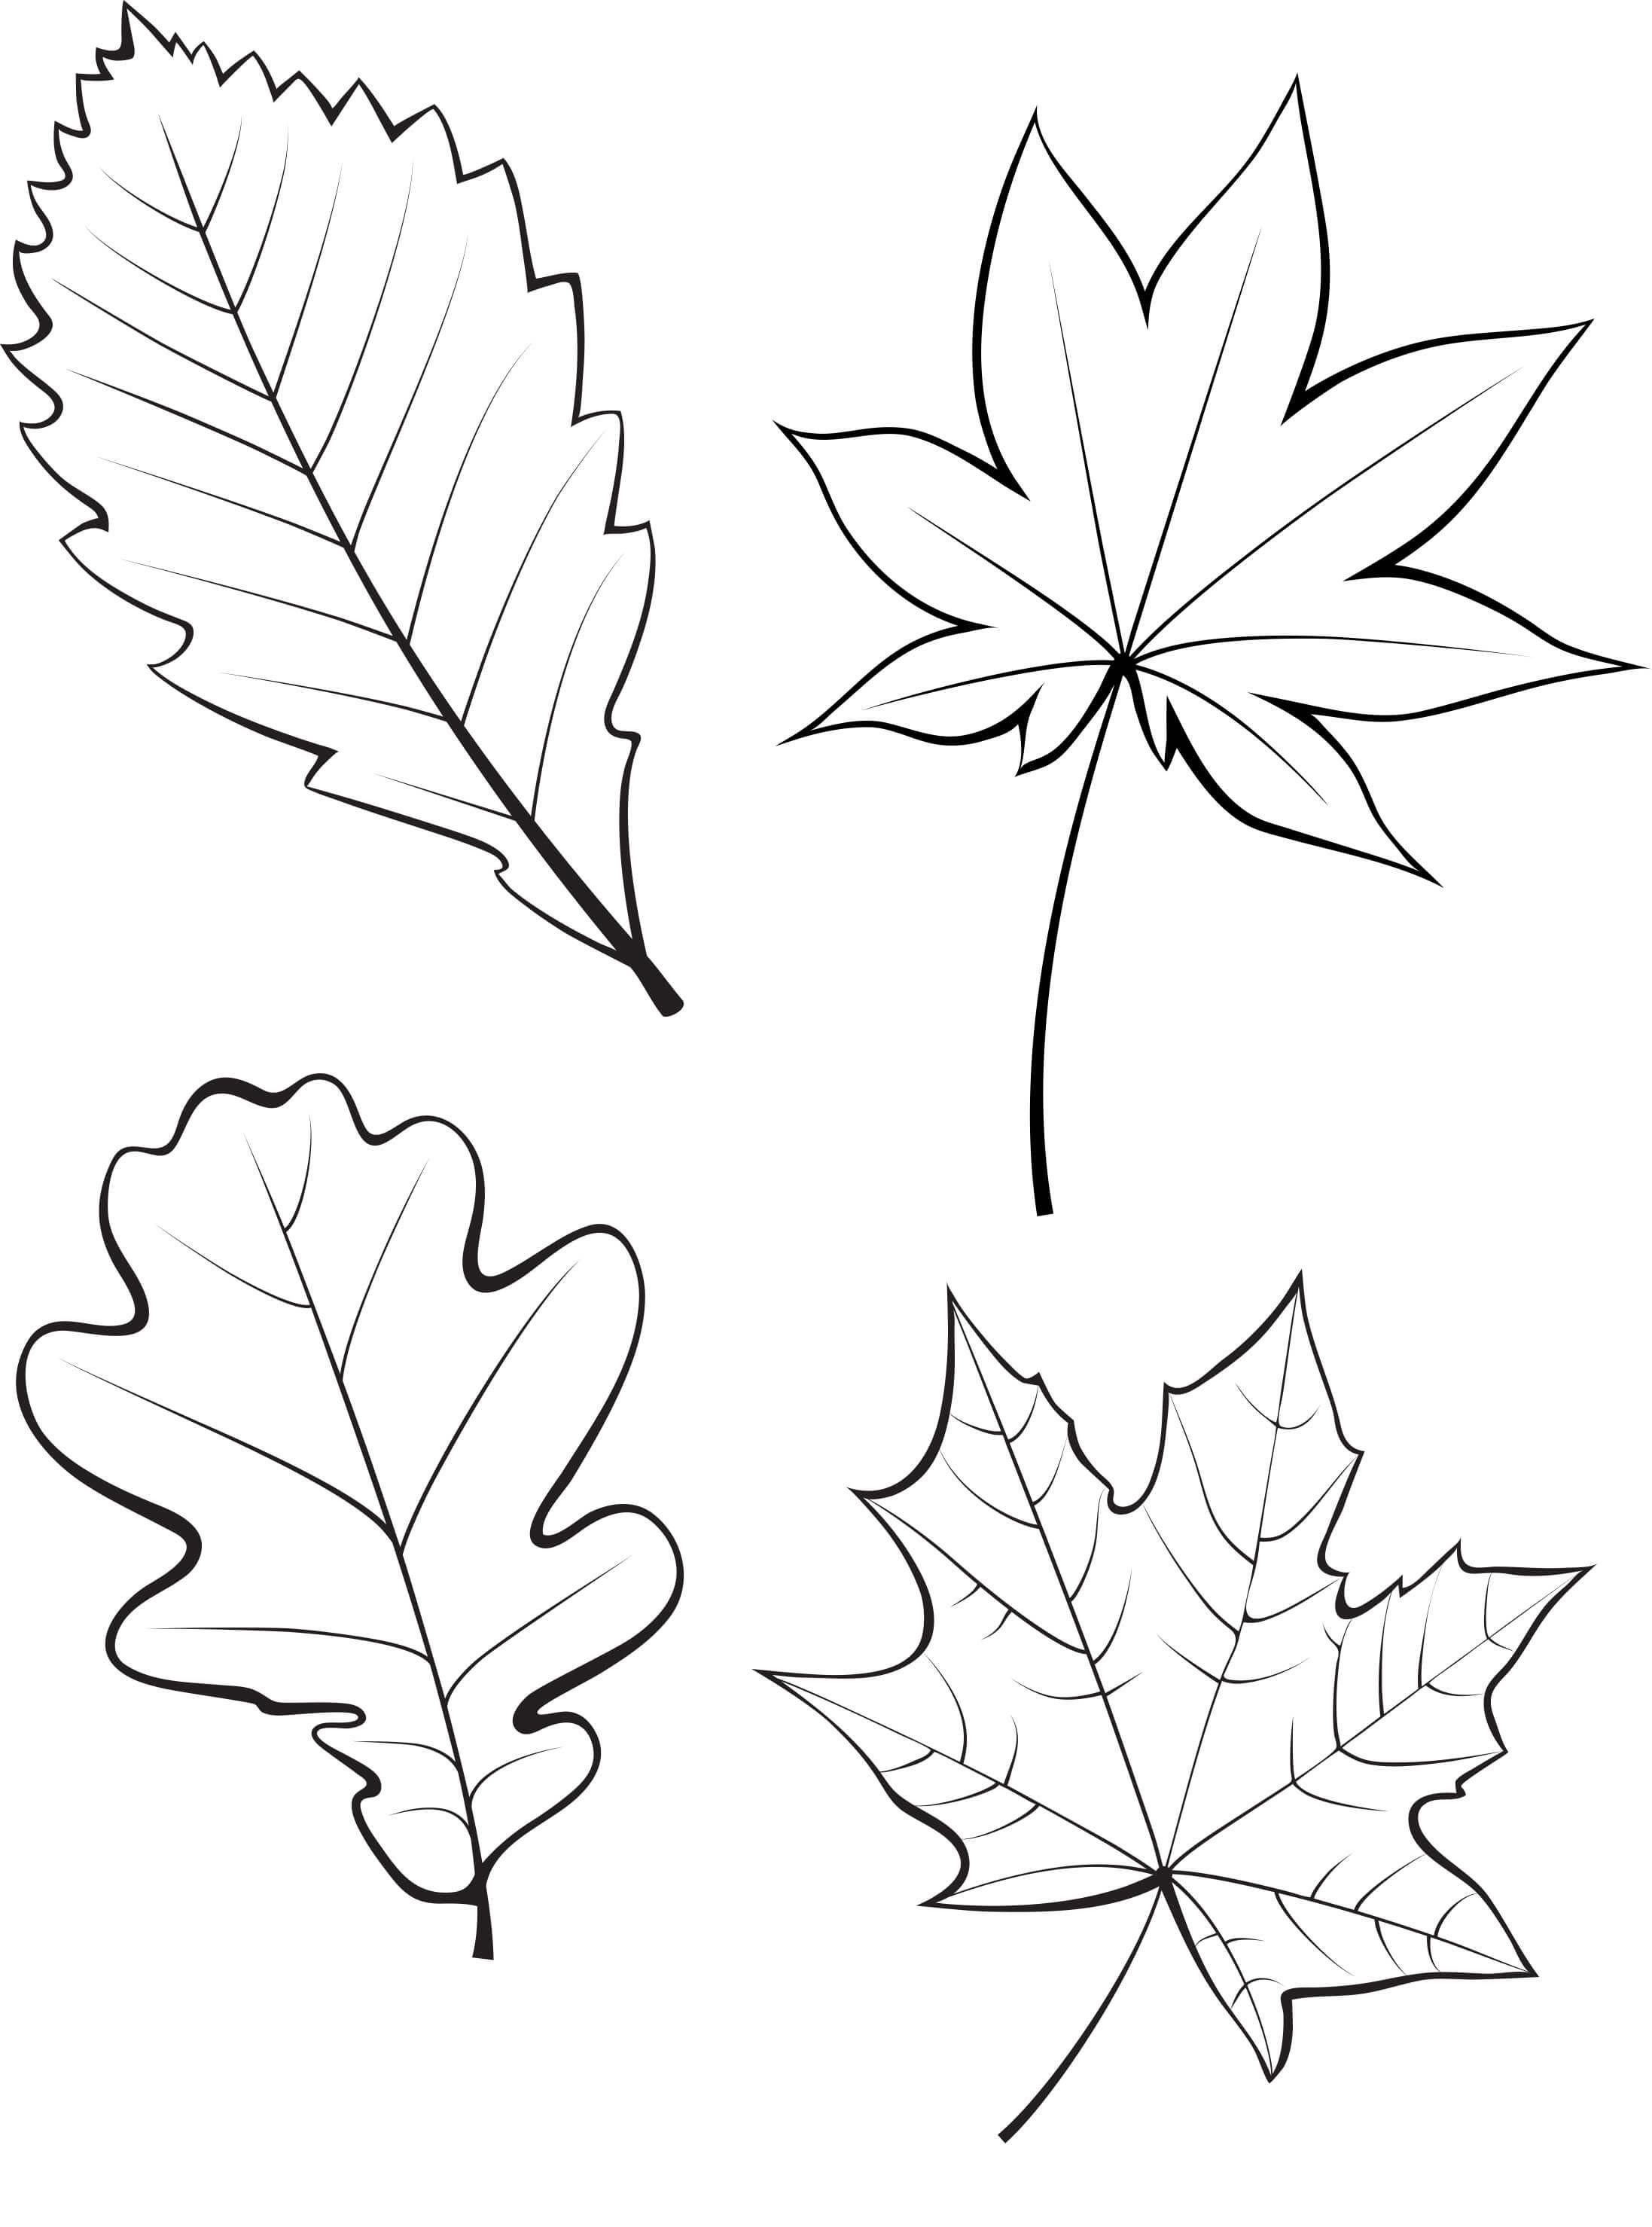 Картинки по запросу осенние листья контур | Осенние ...